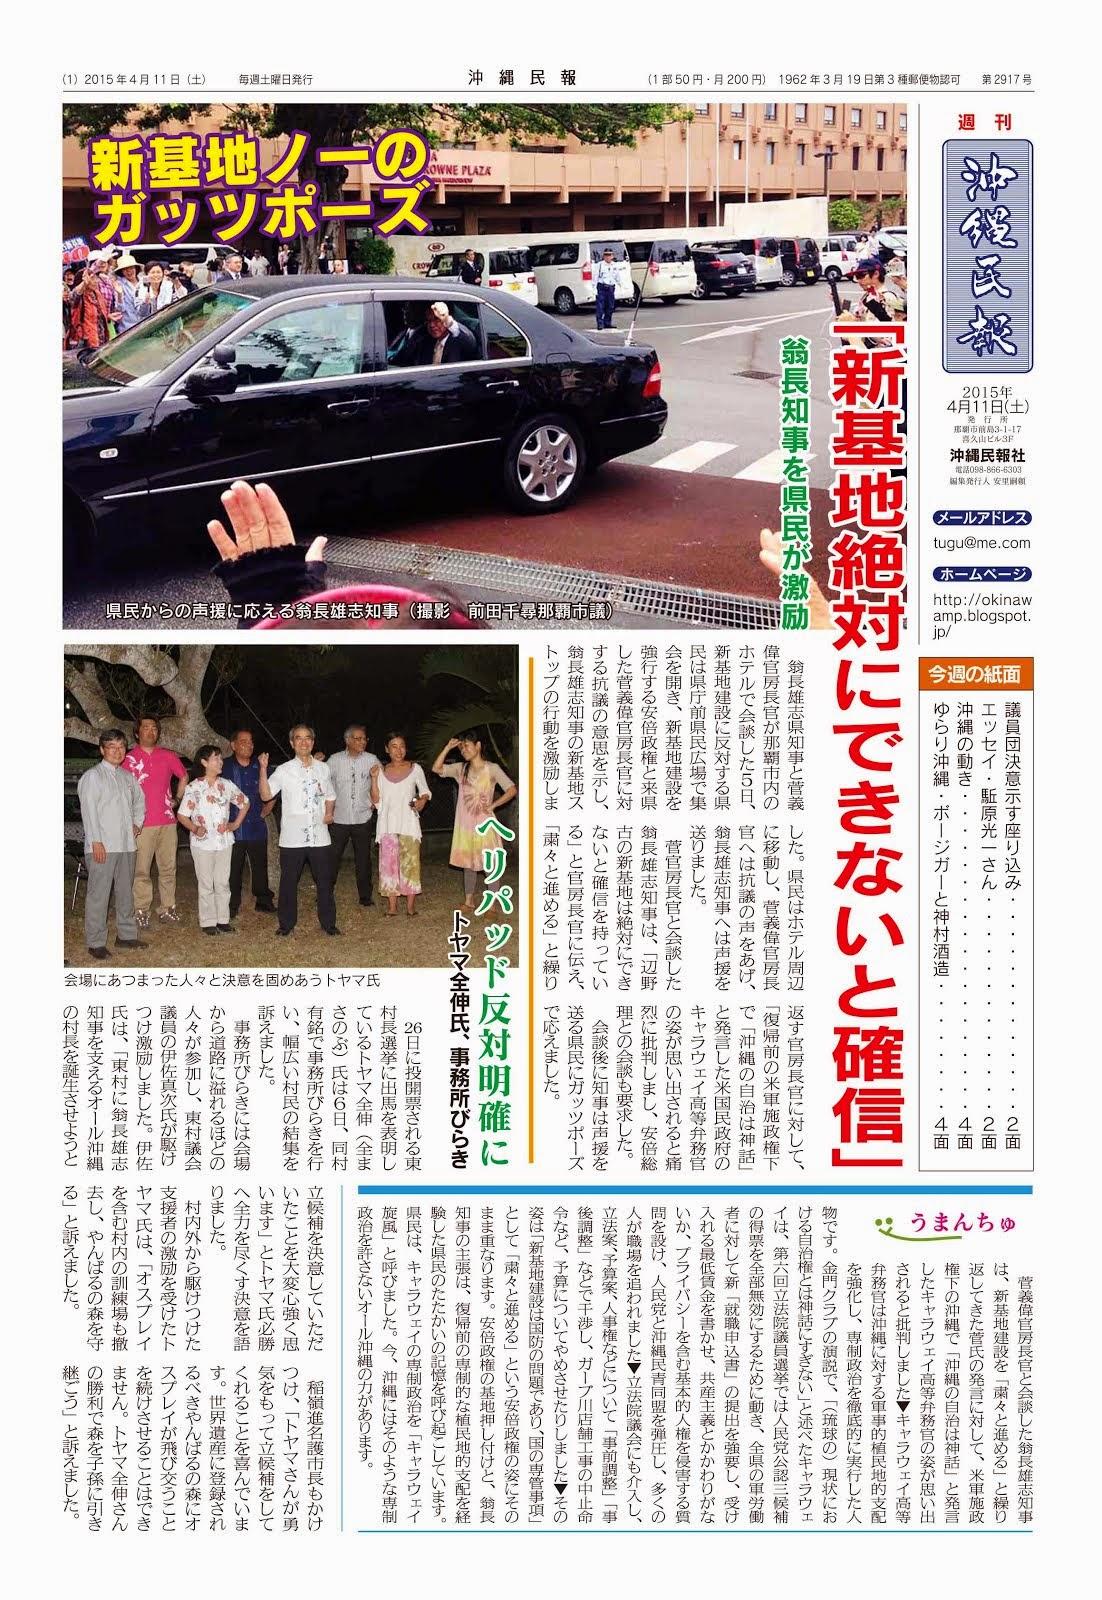 ハイサイ沖縄民報です